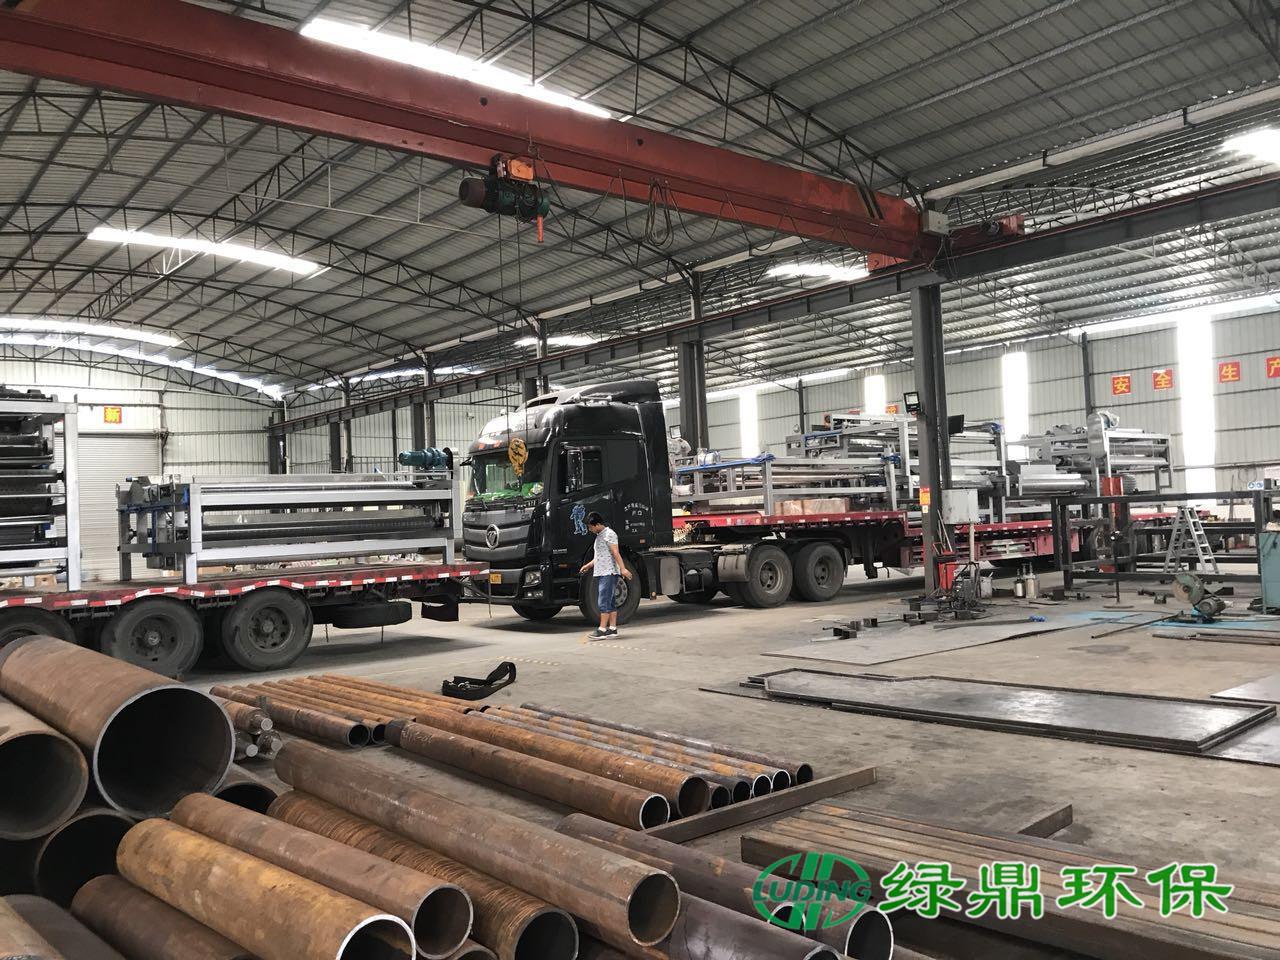 工厂图片 5